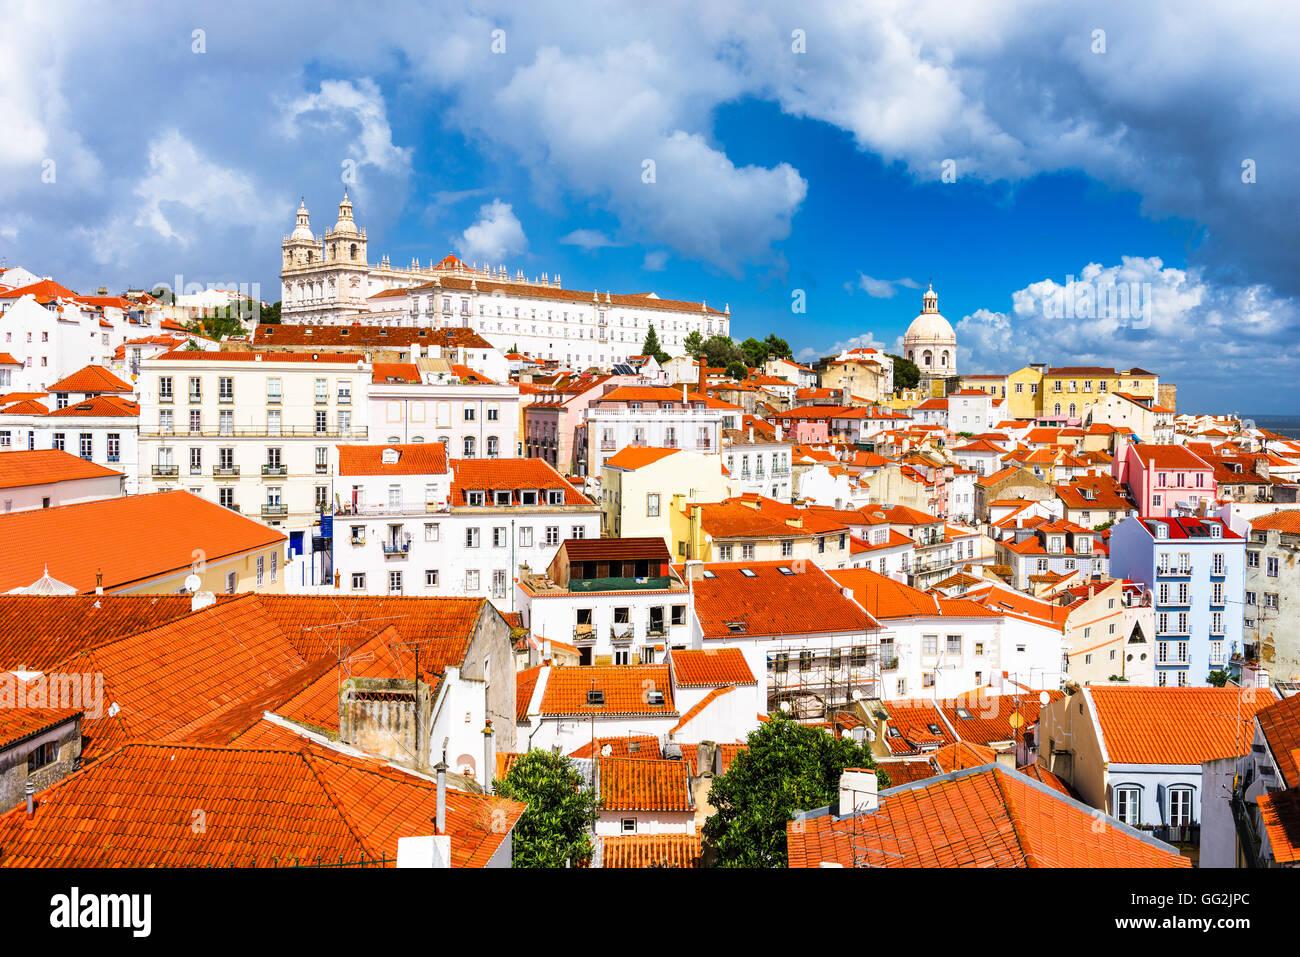 Lisbona, Portogallo skyline della città all'Alfama. Immagini Stock